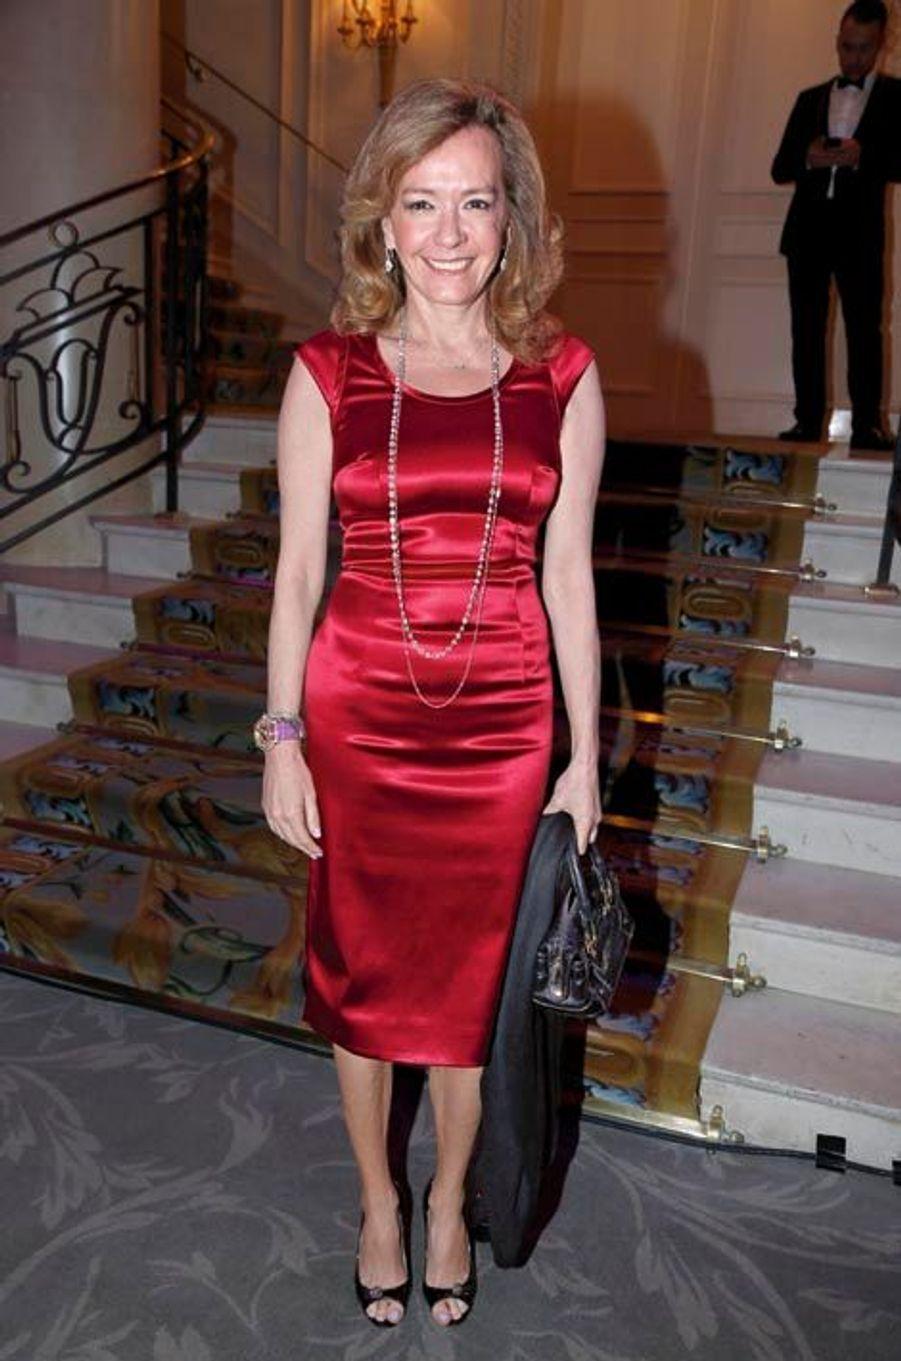 Coprésidente de Chopard, Caroline Scheufele avait offert un magnifique collier pour la vente aux enchères.